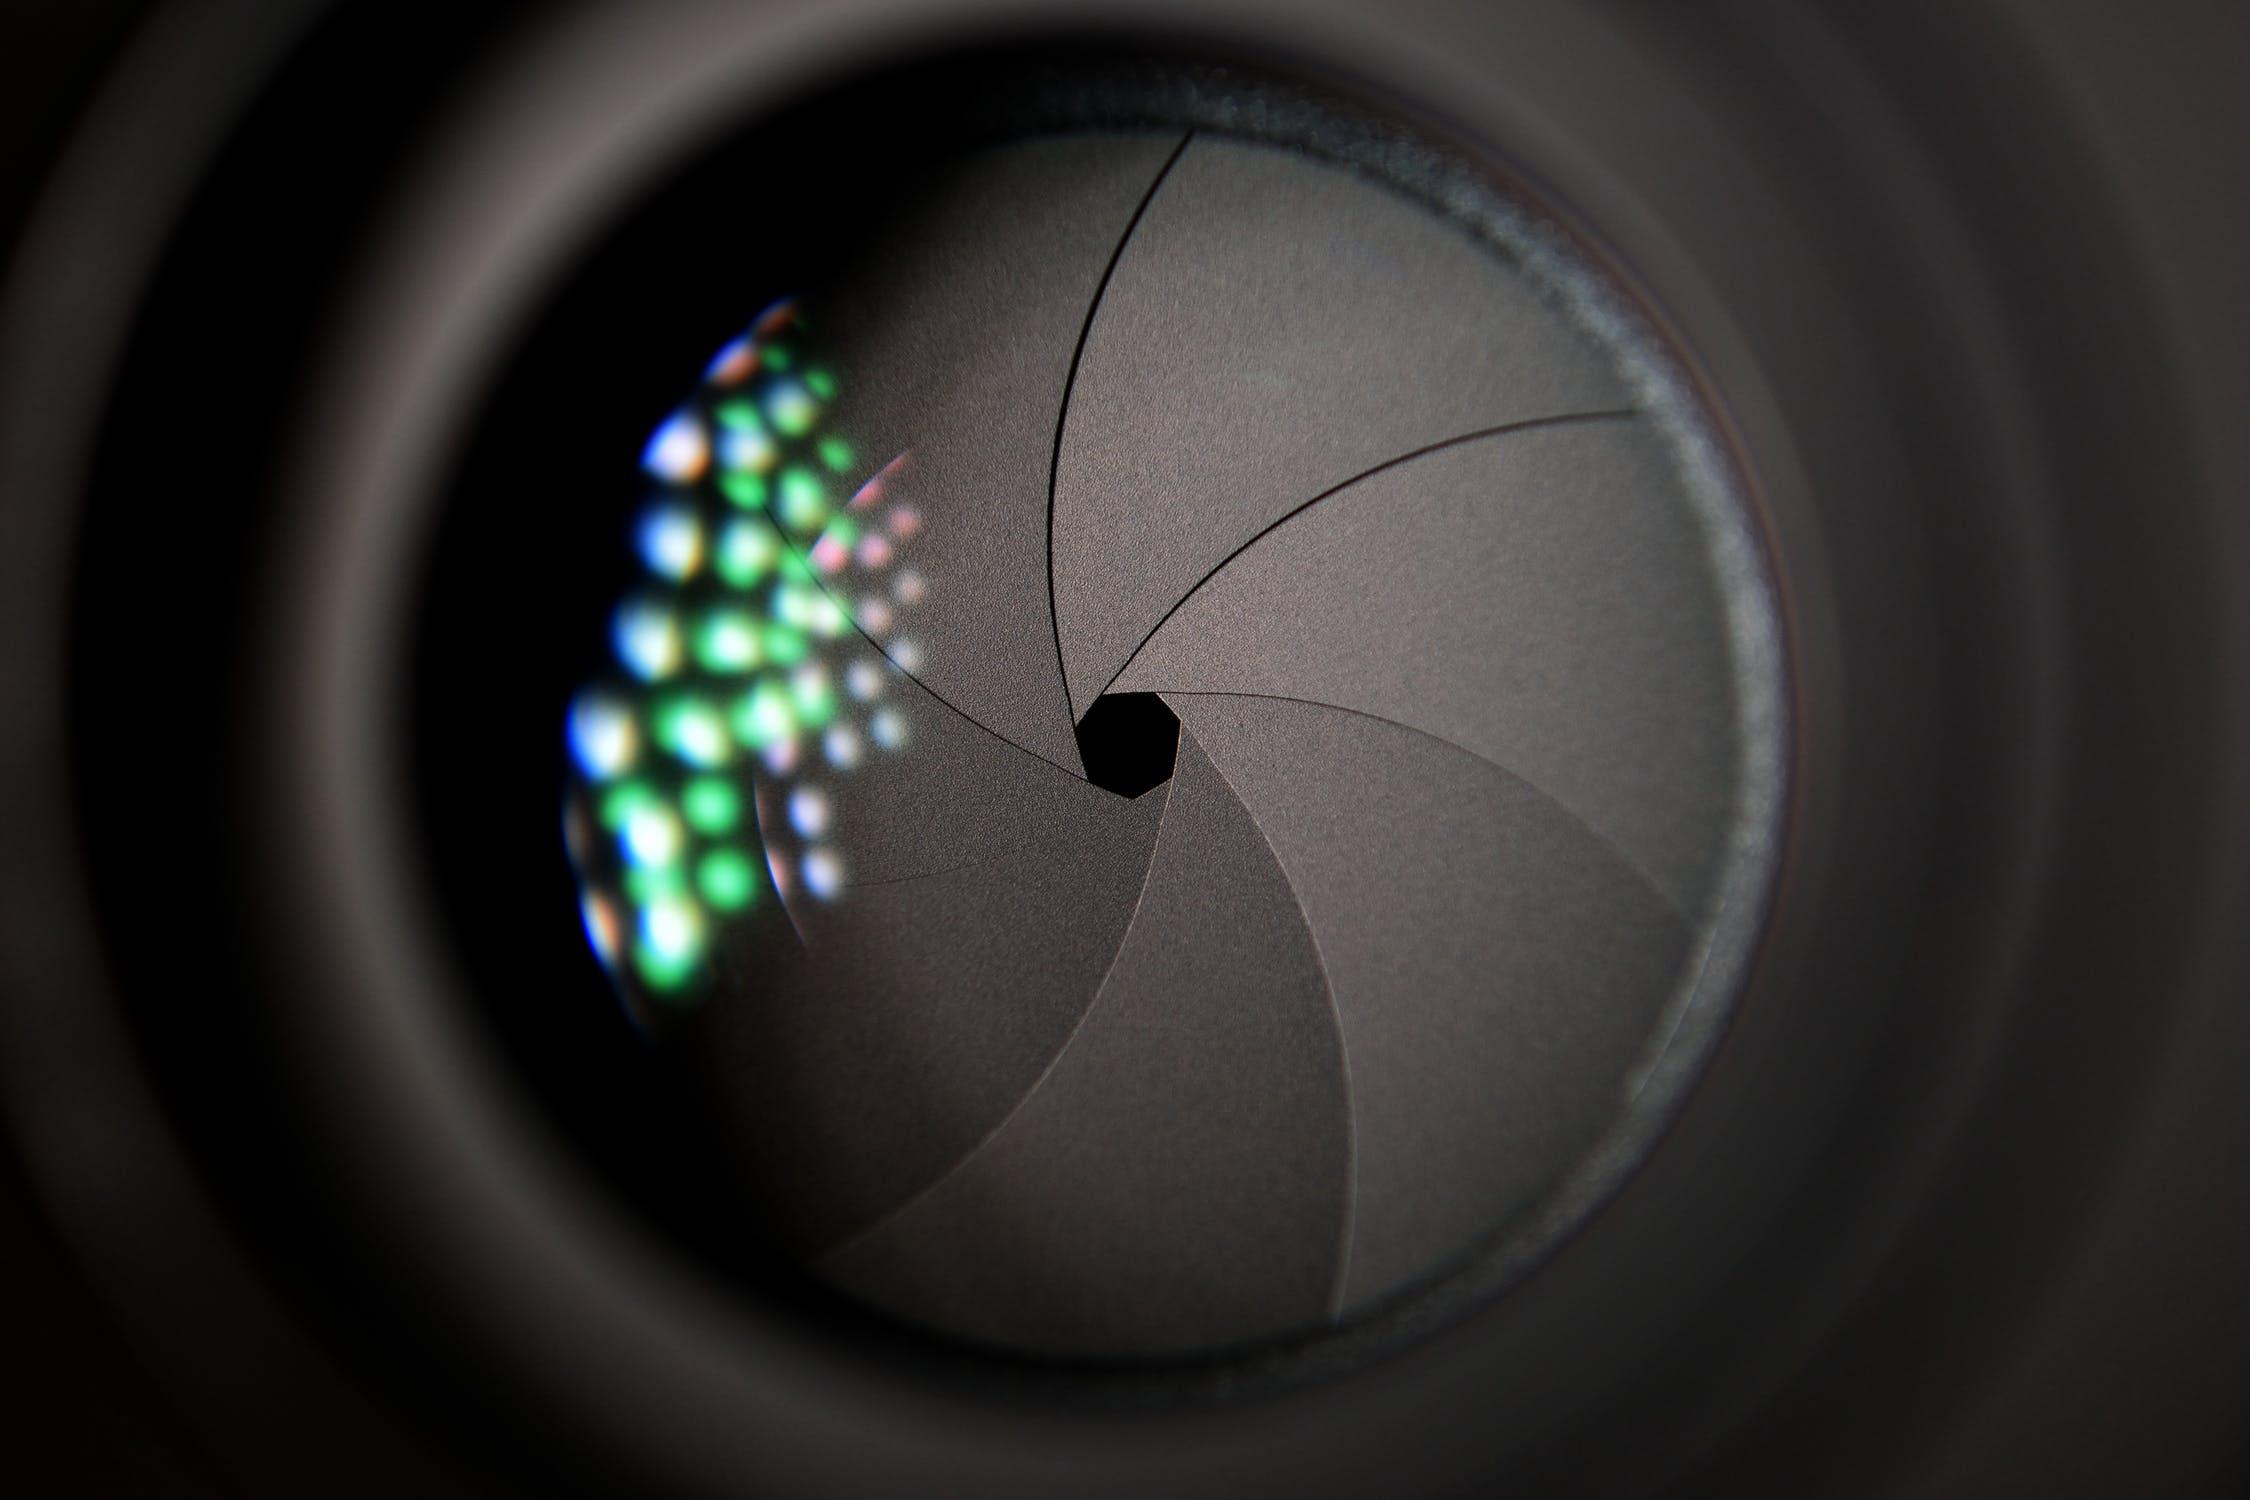 Close-up of a camera shutter